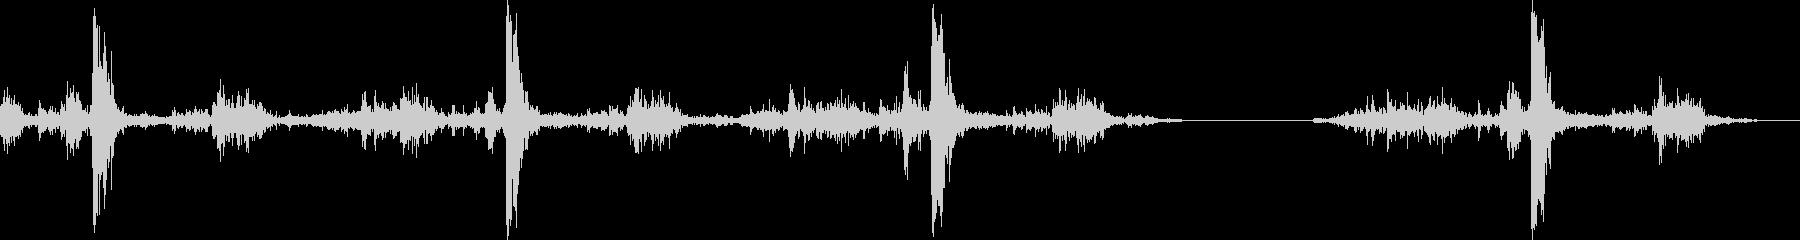 電気タイプライター:短いタイピング...の未再生の波形